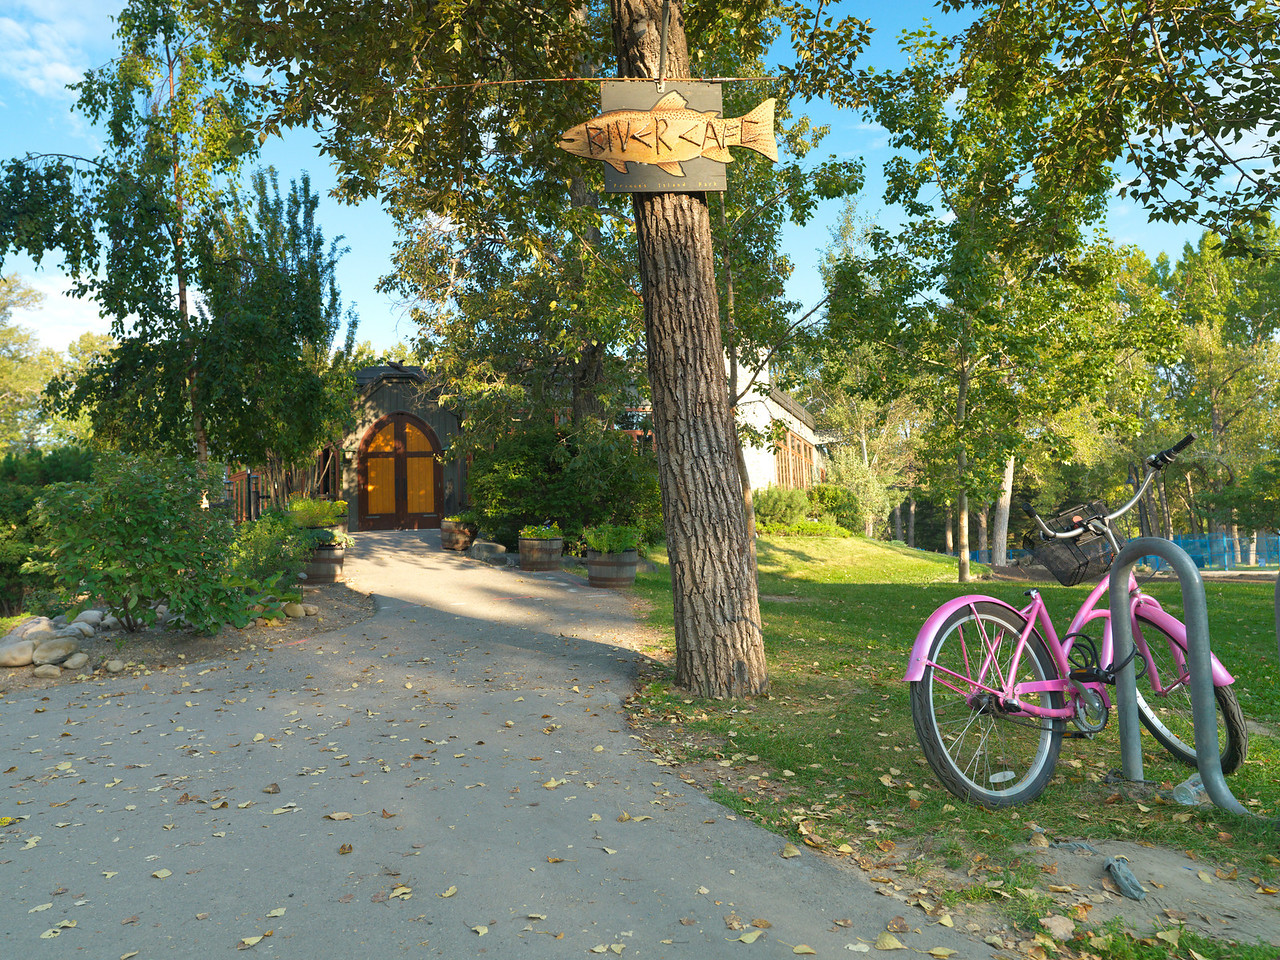 River Café Entrance & Bicycle